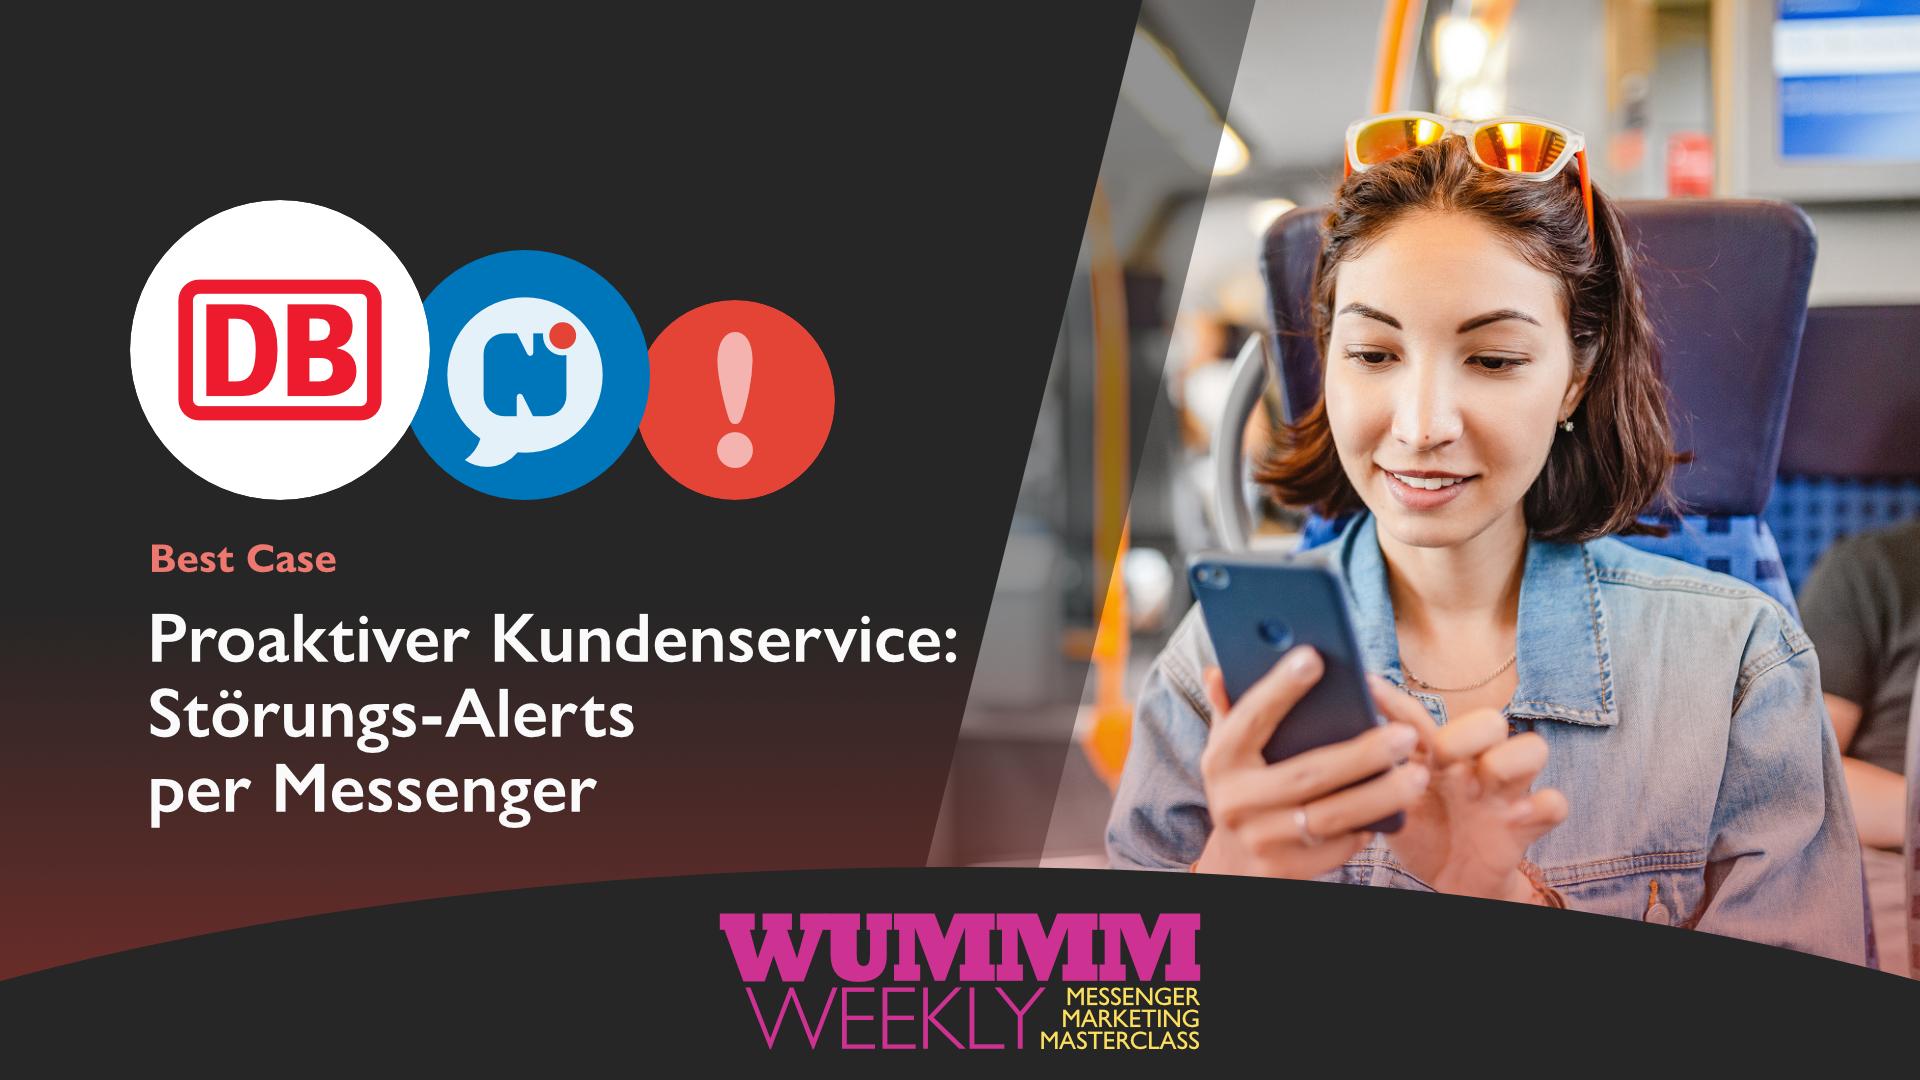 Wummm-weekly, Logo Deutsche Bahn, Logo Notify, Best Case, Störungs-Alerts per Messenger